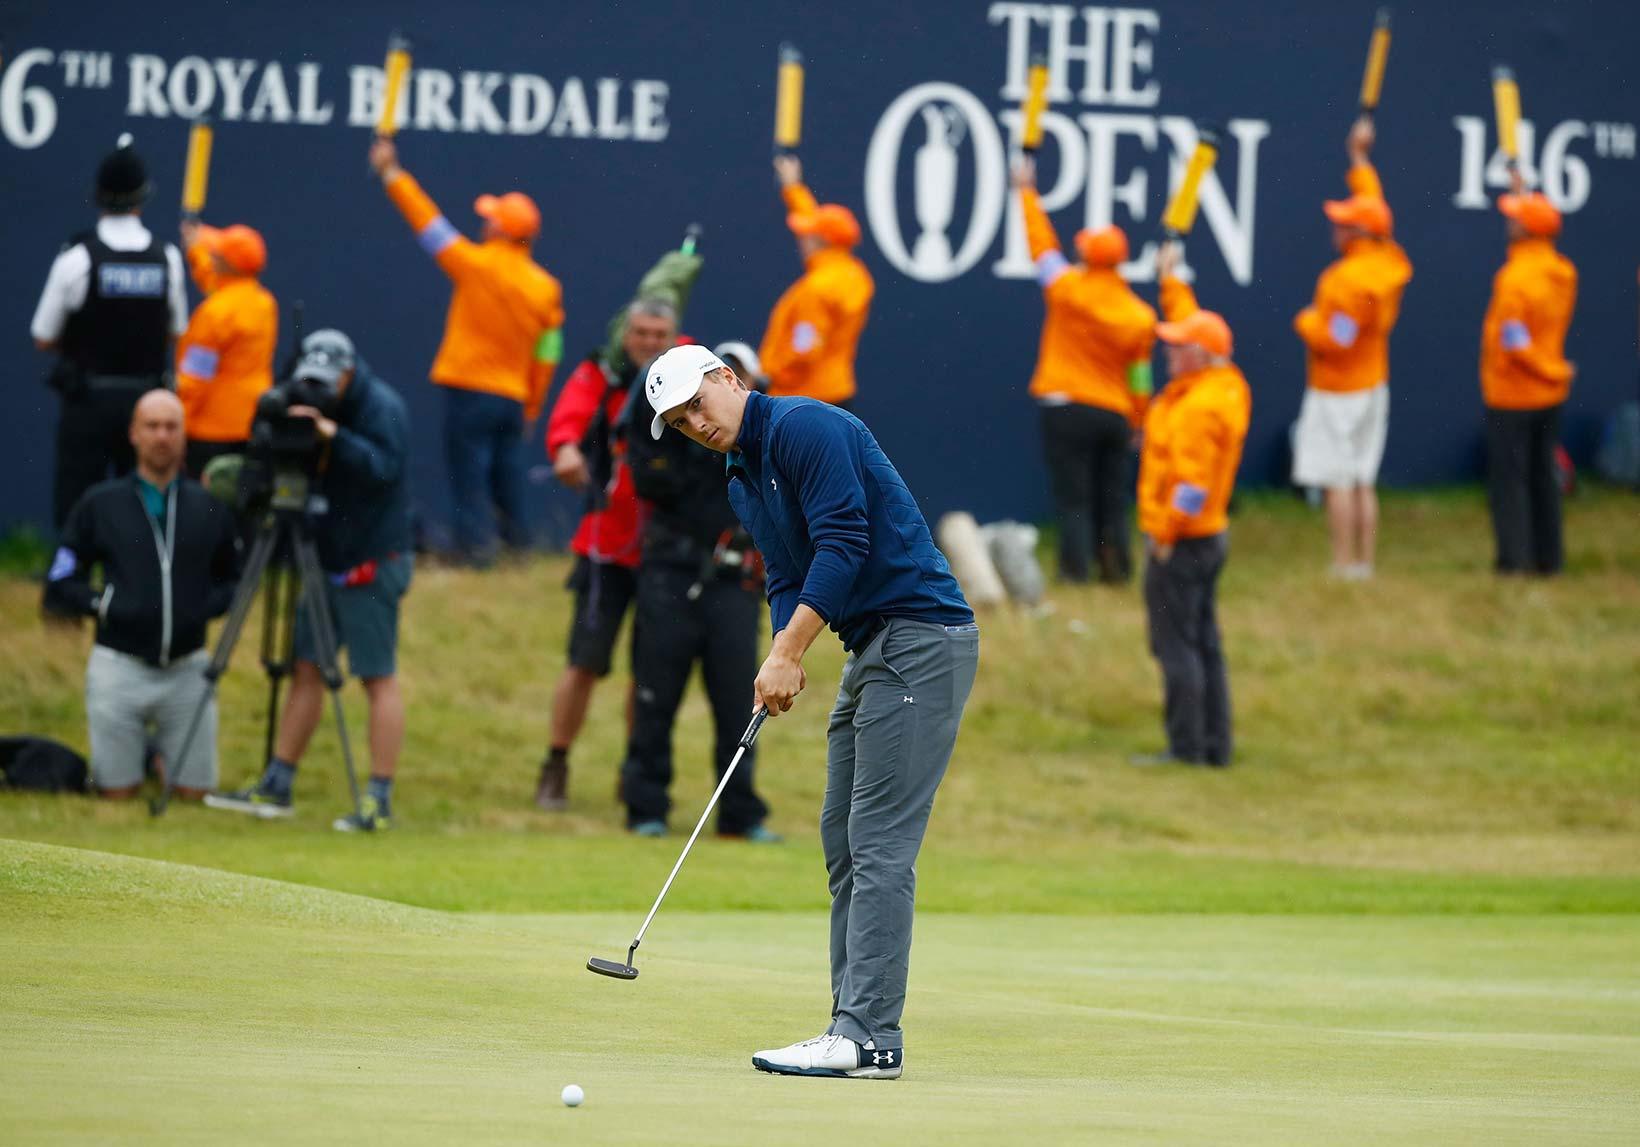 2017 Open Championship: Final Round - Birdie Putt on No. 18